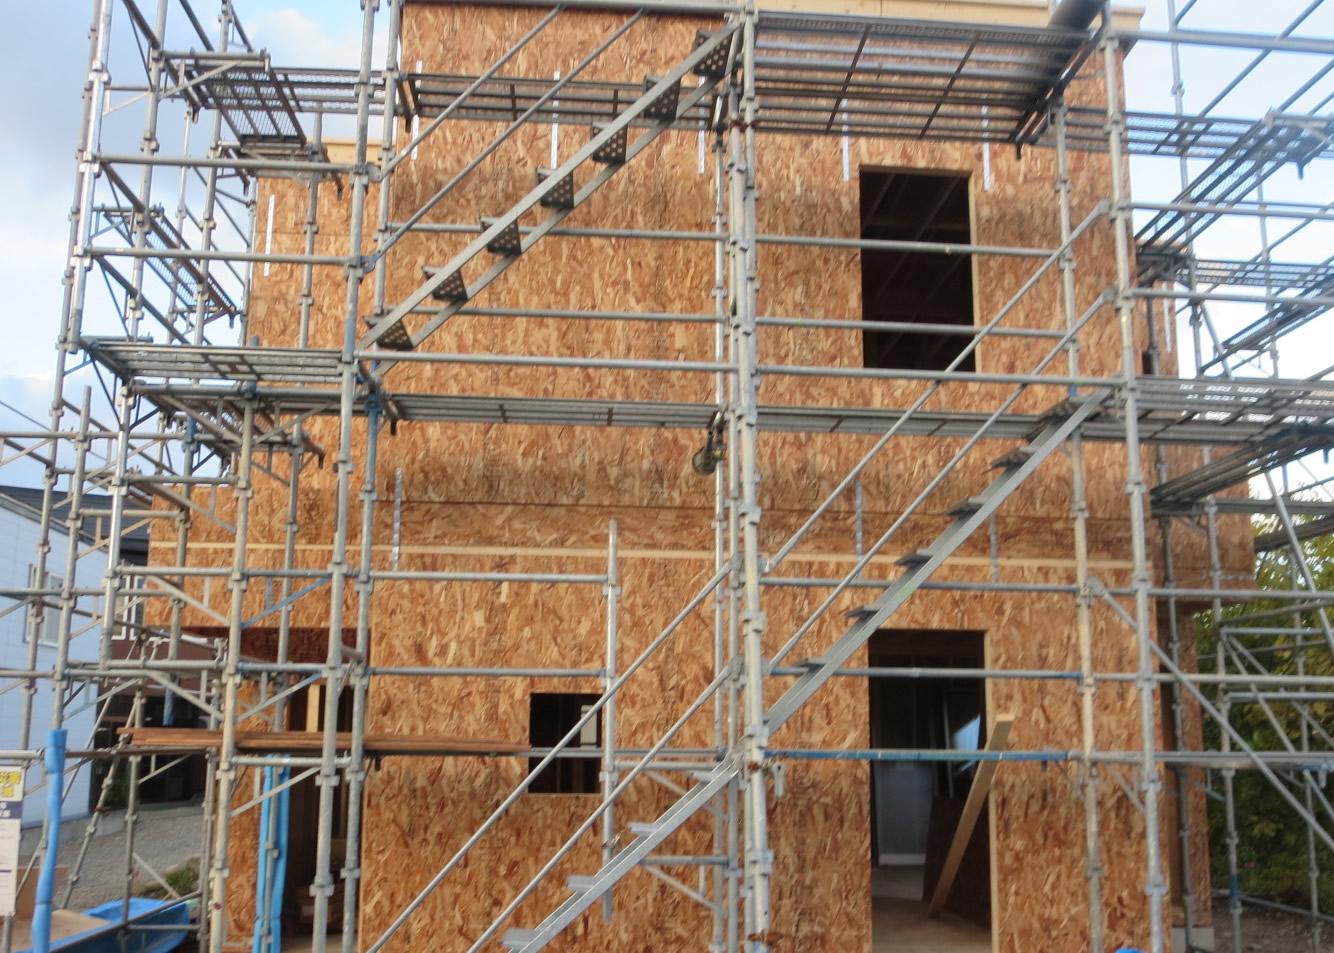 【土地活用】投資物件を建てるときに面積効率はどのように考えるべきか?